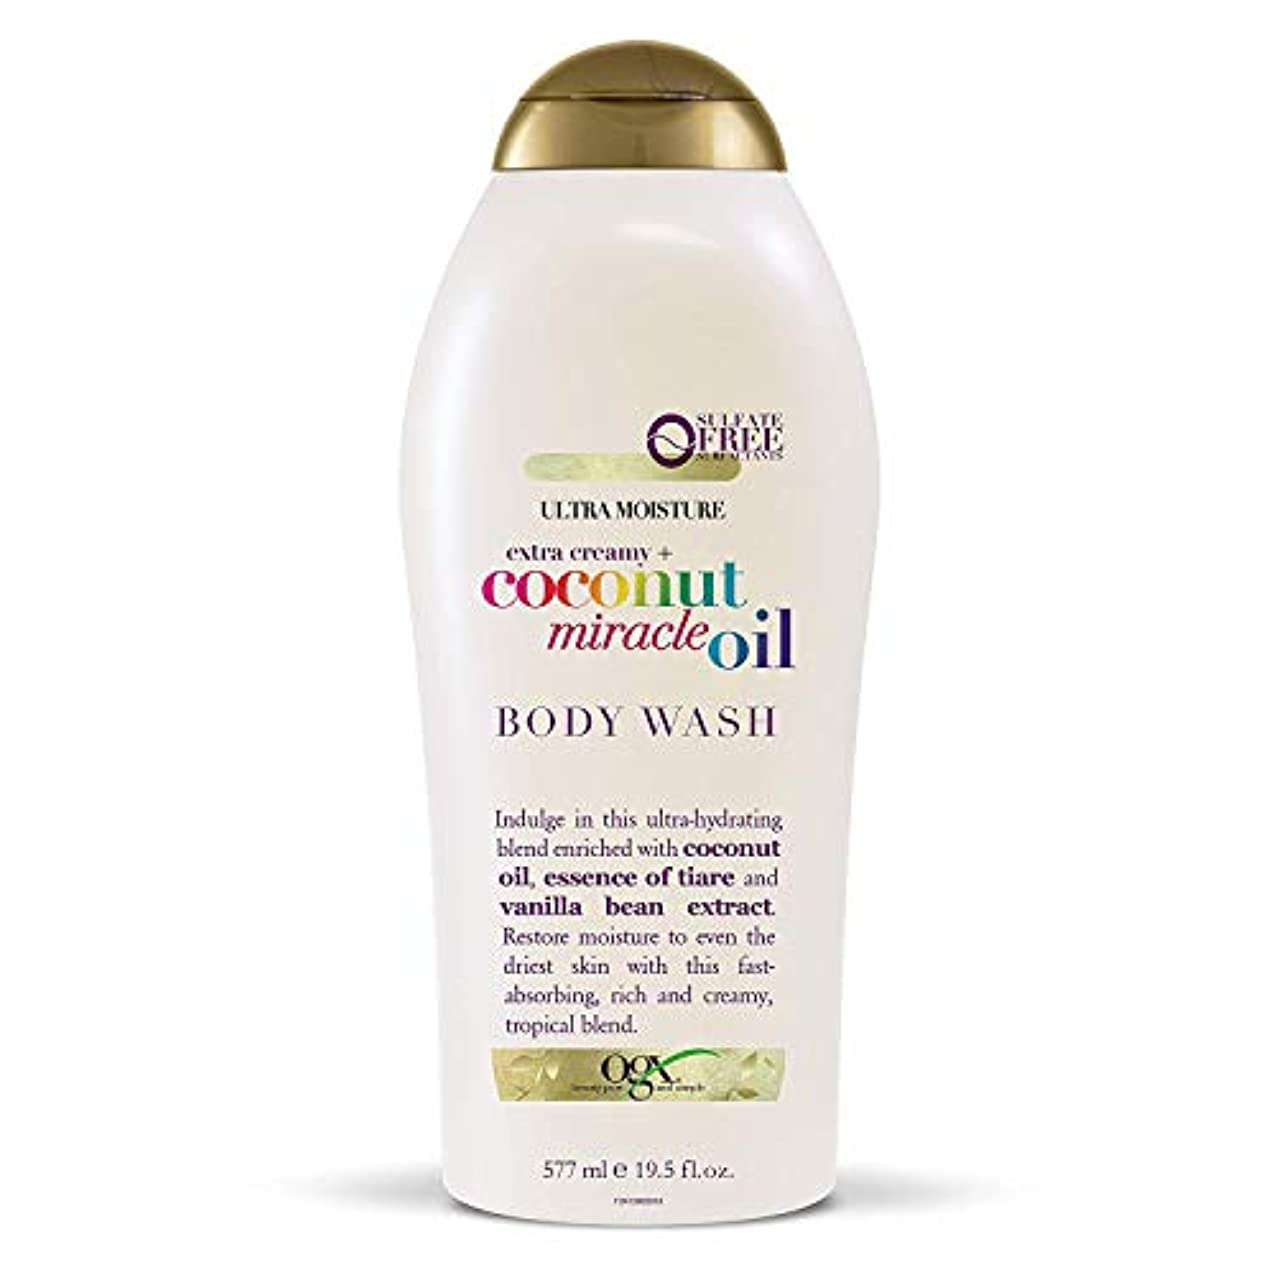 呼吸苦難苦難Ogx Body Wash Coconut Miracle Oil Extra Strength 19.5oz OGX ココナッツミラクルオイル エクストラストレングス ボディウォッシュ 577ml [並行輸入品]